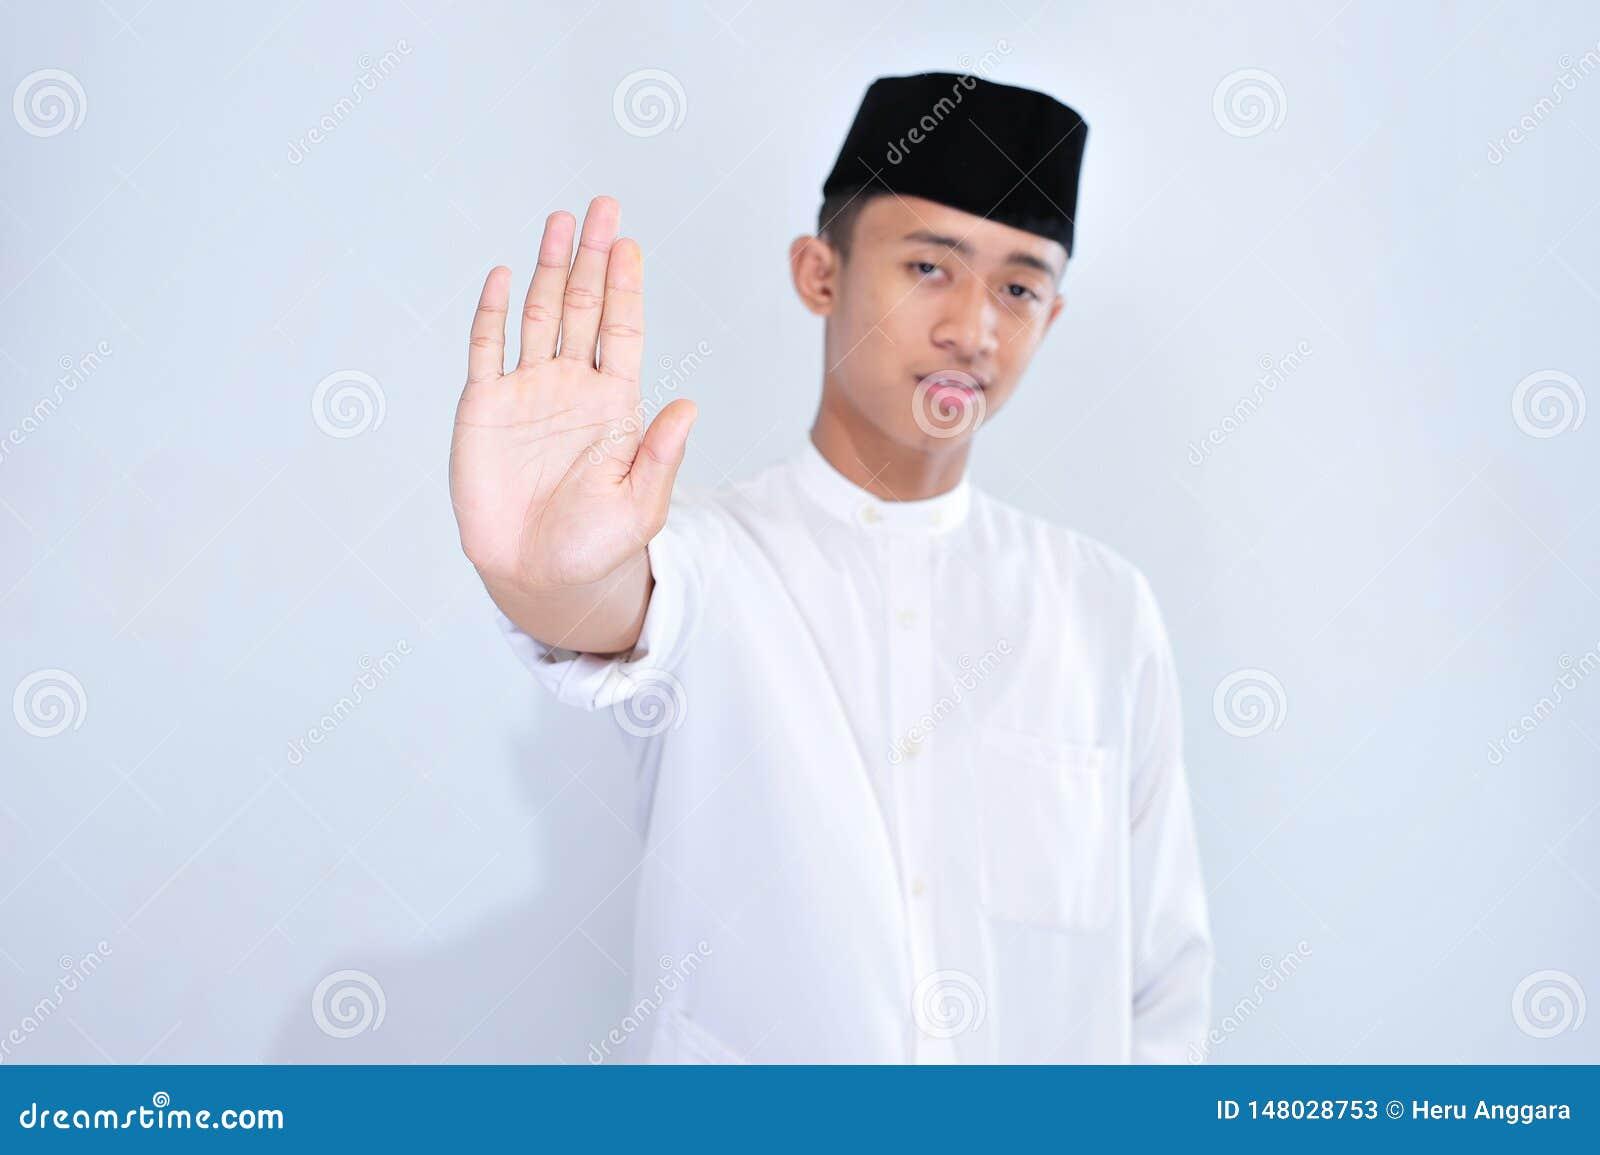 Aziatische jonge moslimmens met open hand die eindeteken met ernstige en zekere uitdrukking, defensiegebaar doen